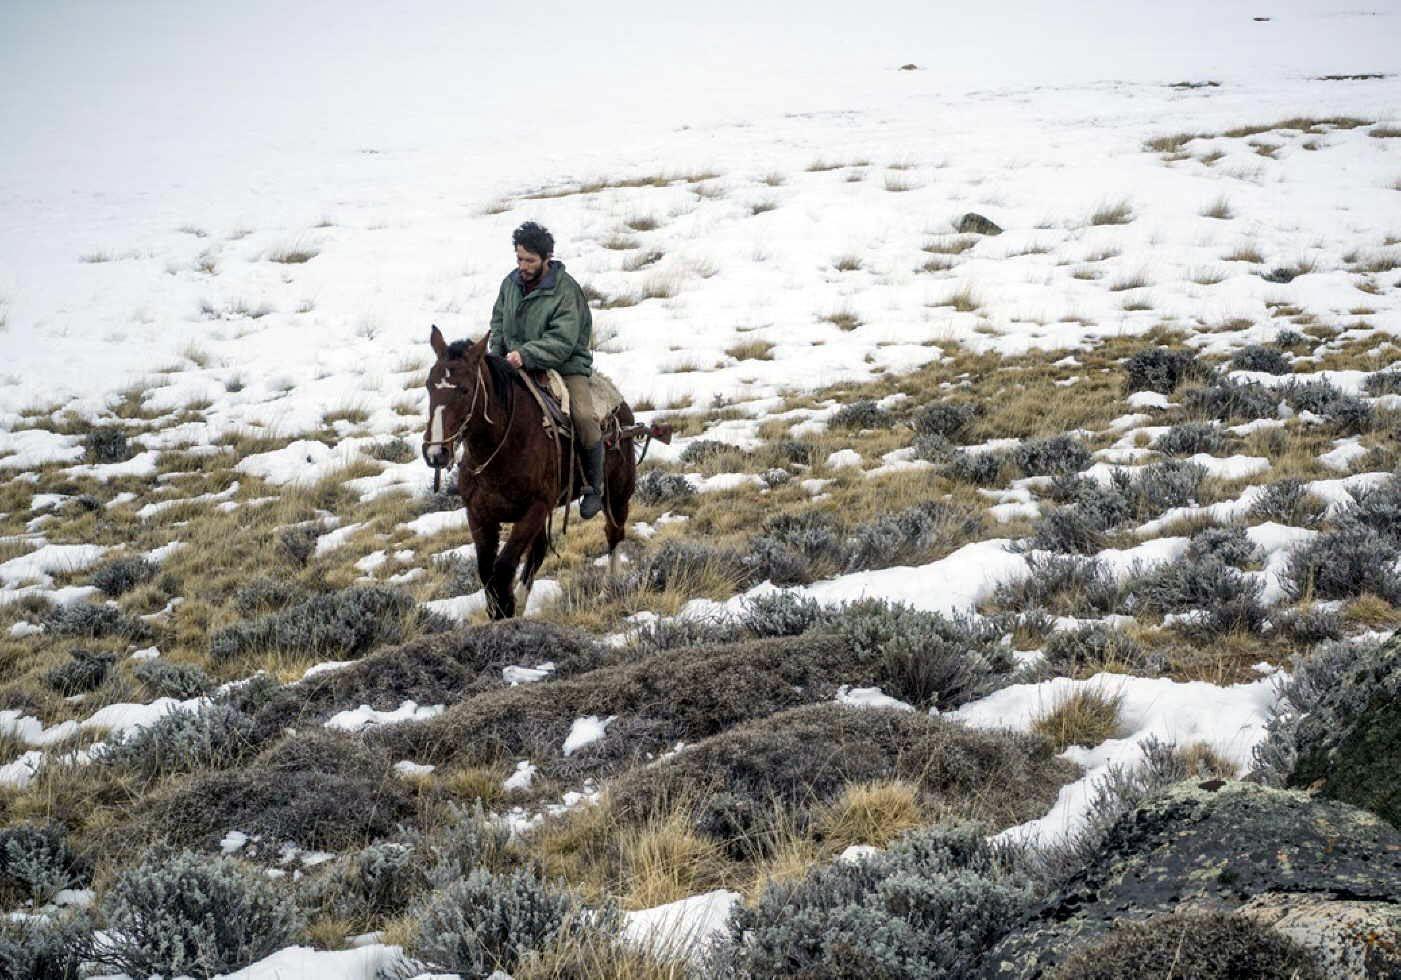 Fundación CajaCanarias presenta El Invierno